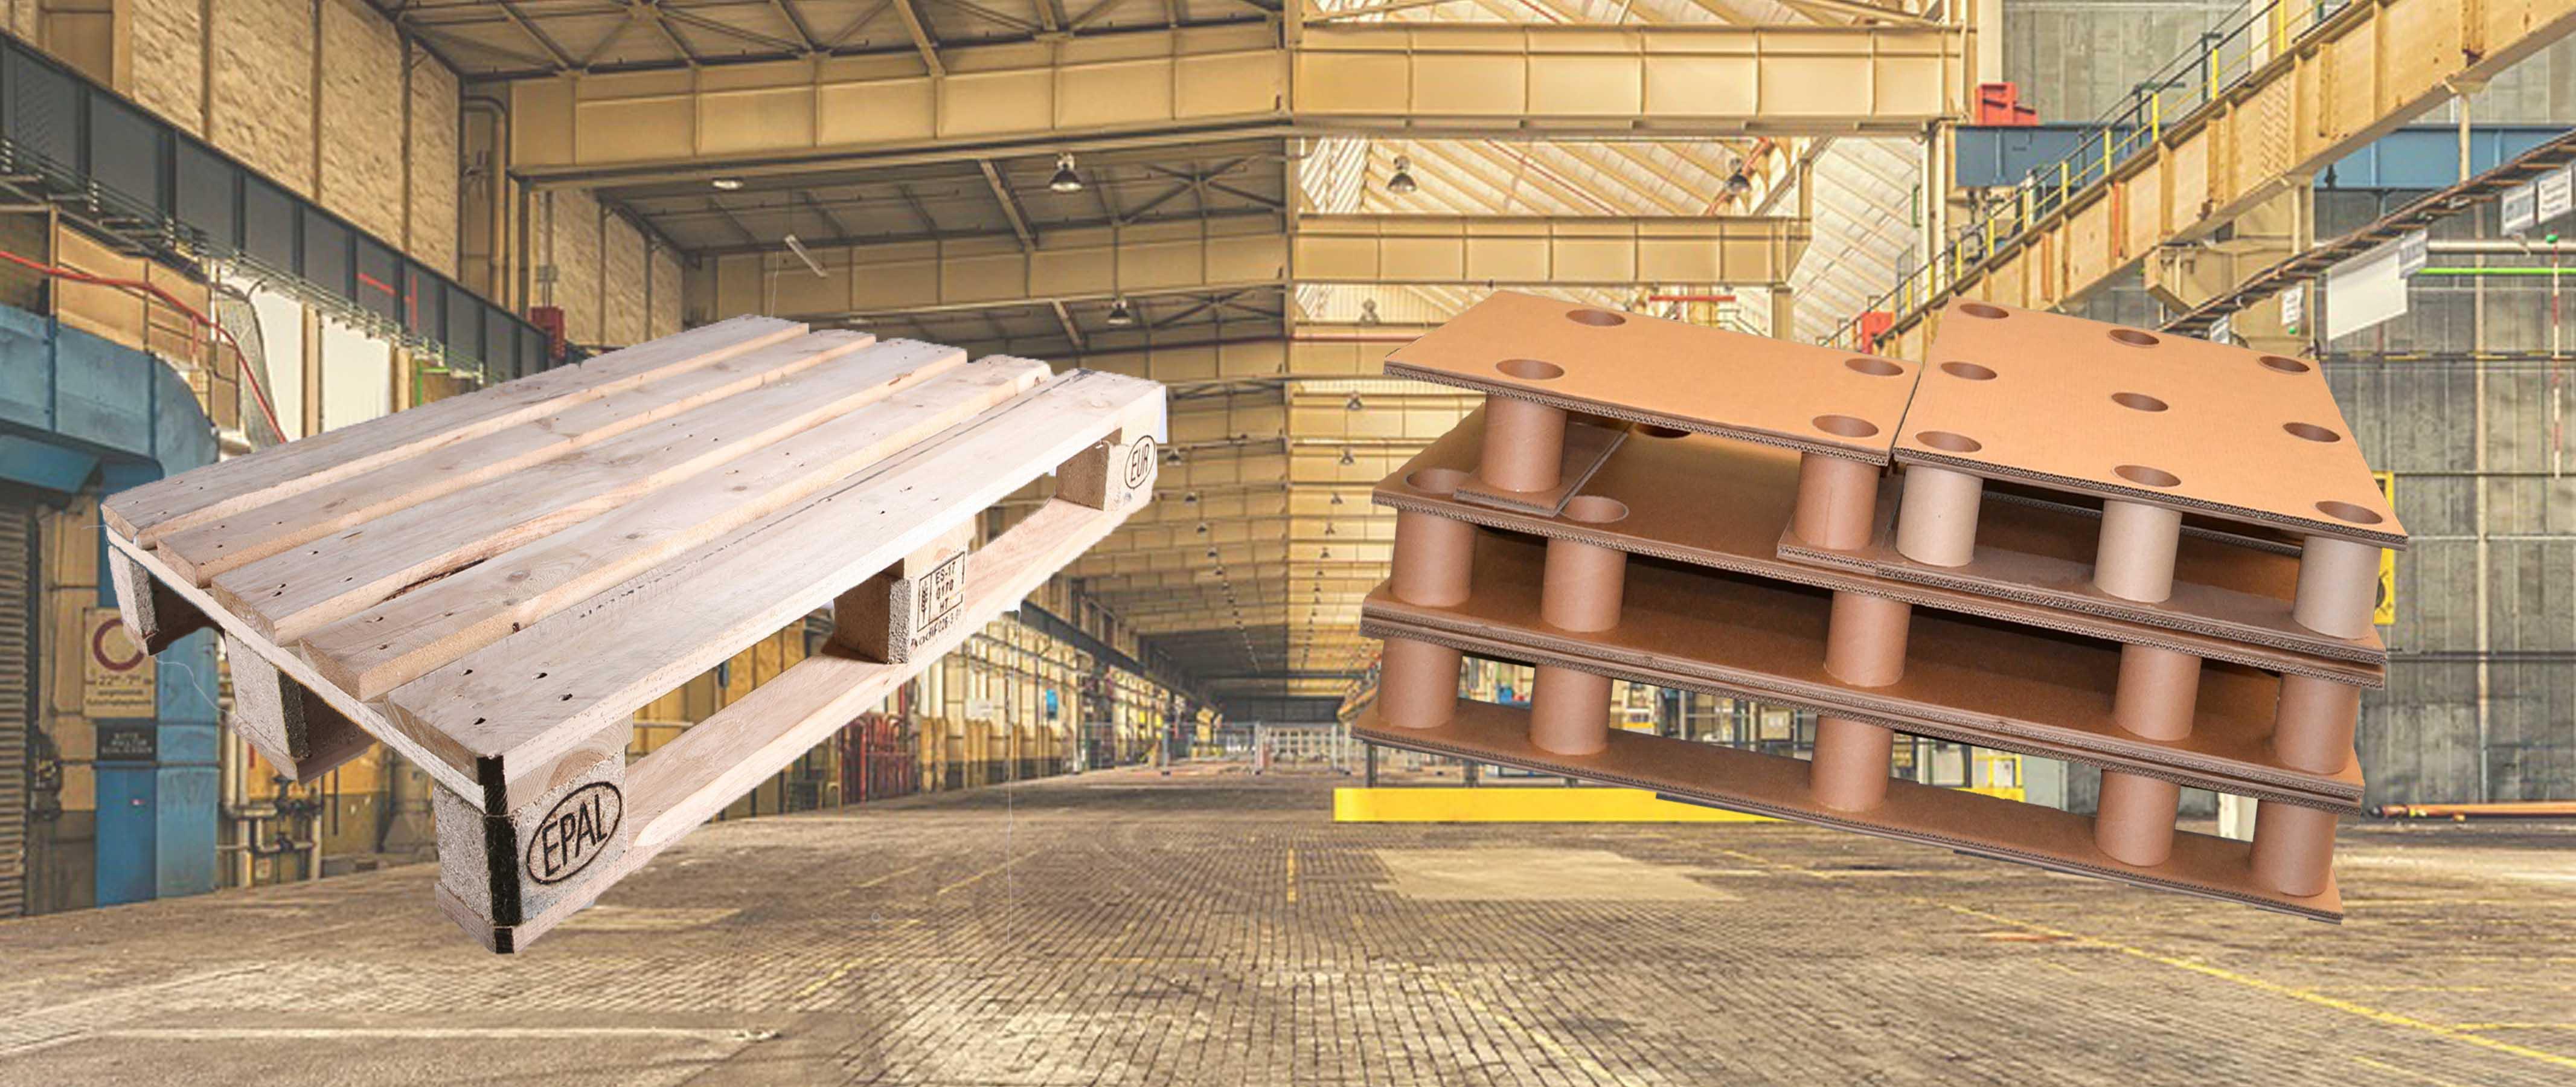 el palet de cartn vs el palet de madera